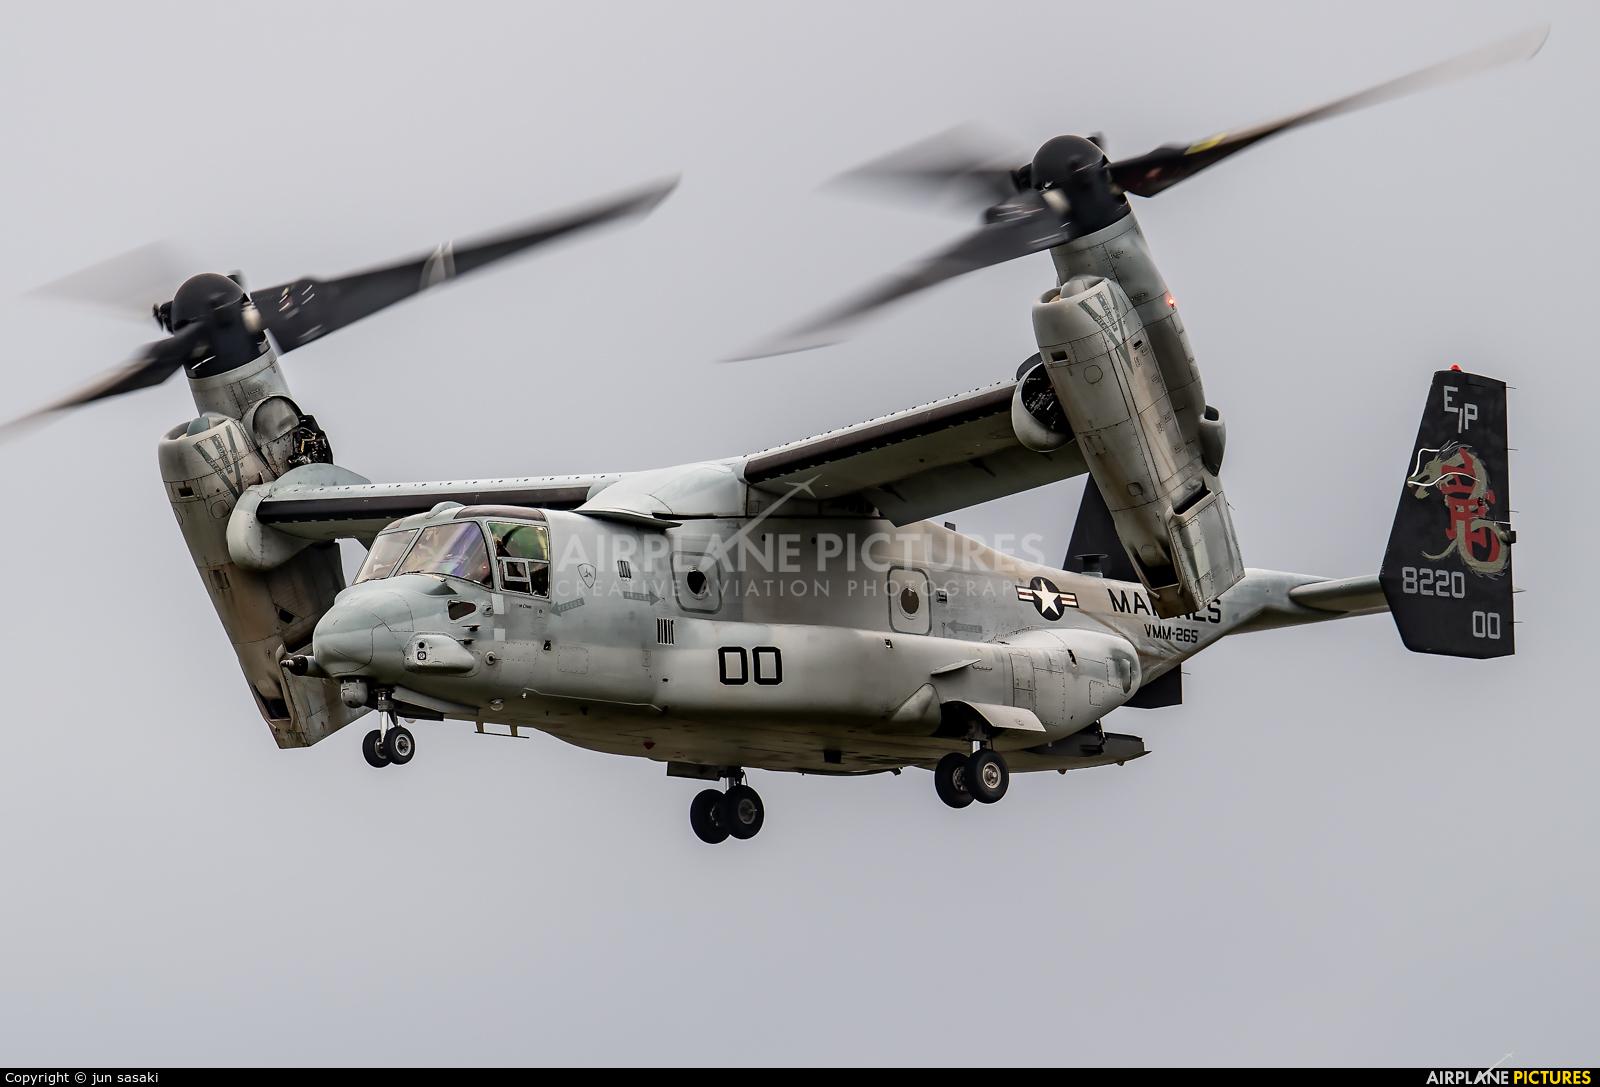 USA - Marine Corps 168220 aircraft at Atsugi AB